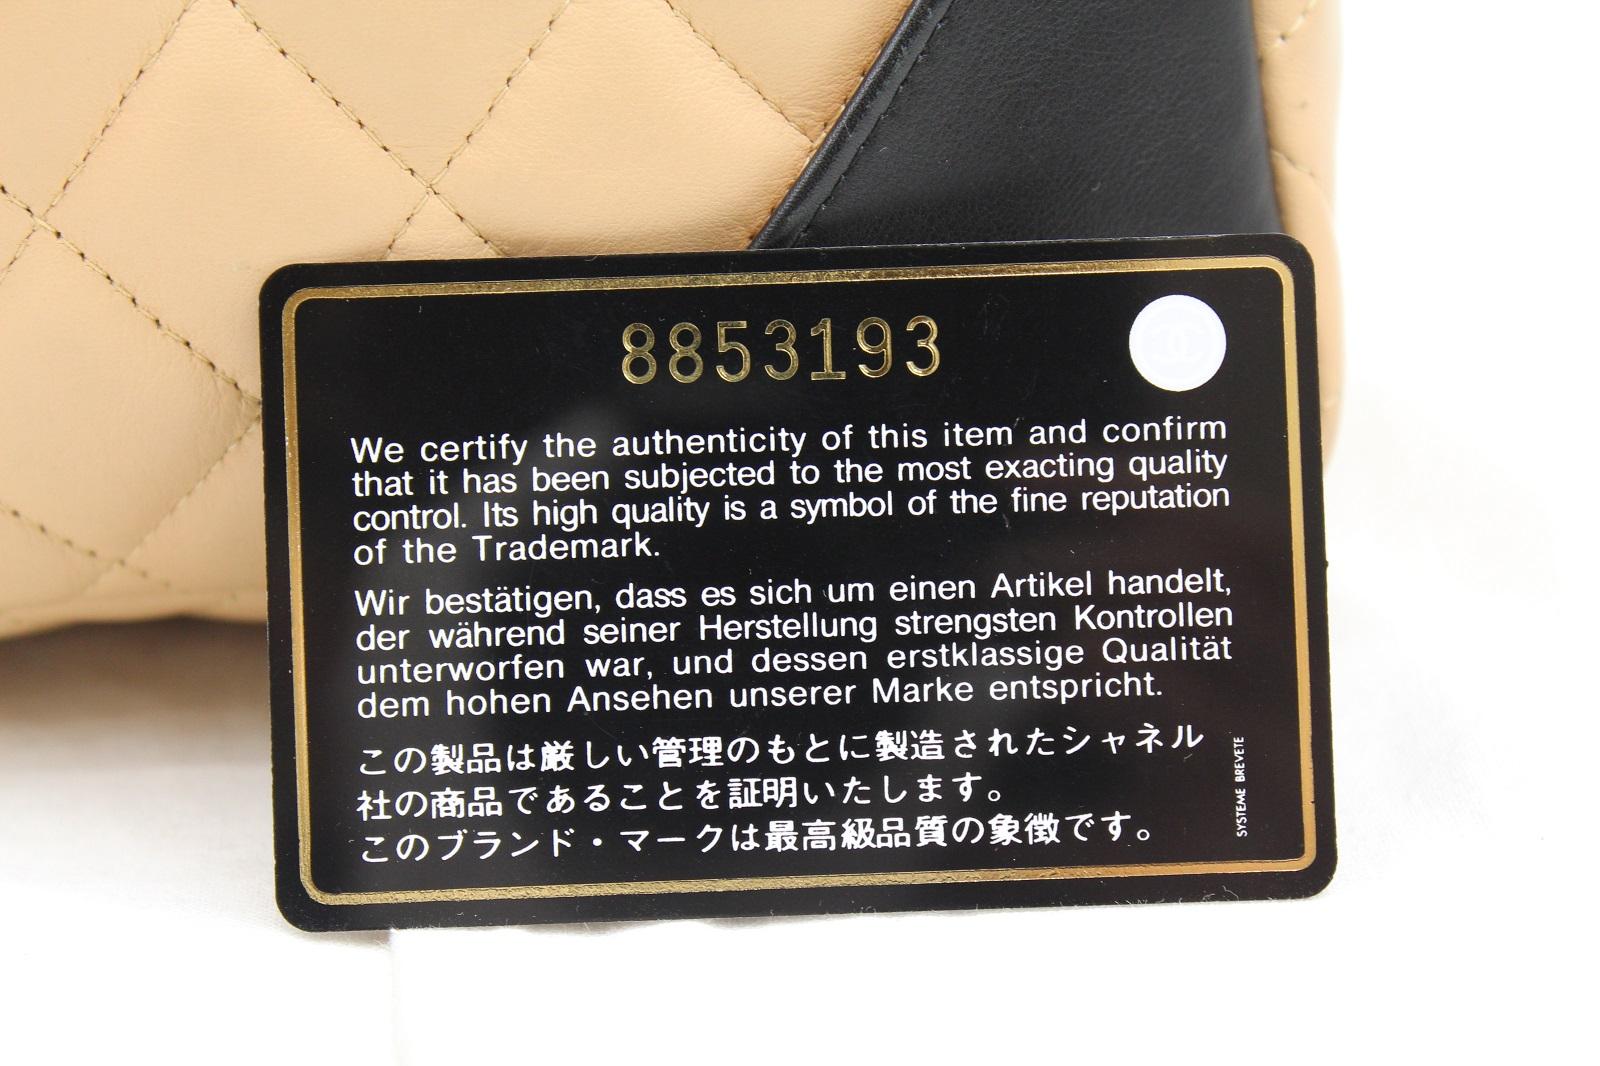 d5d8c4278206 ... ギャラあり】CHANELシャネルカンボントートハンドバッグショルダーレザーベージュブラックココマークバッグ ブランドCHANEL(シャネル)商品 名 ...